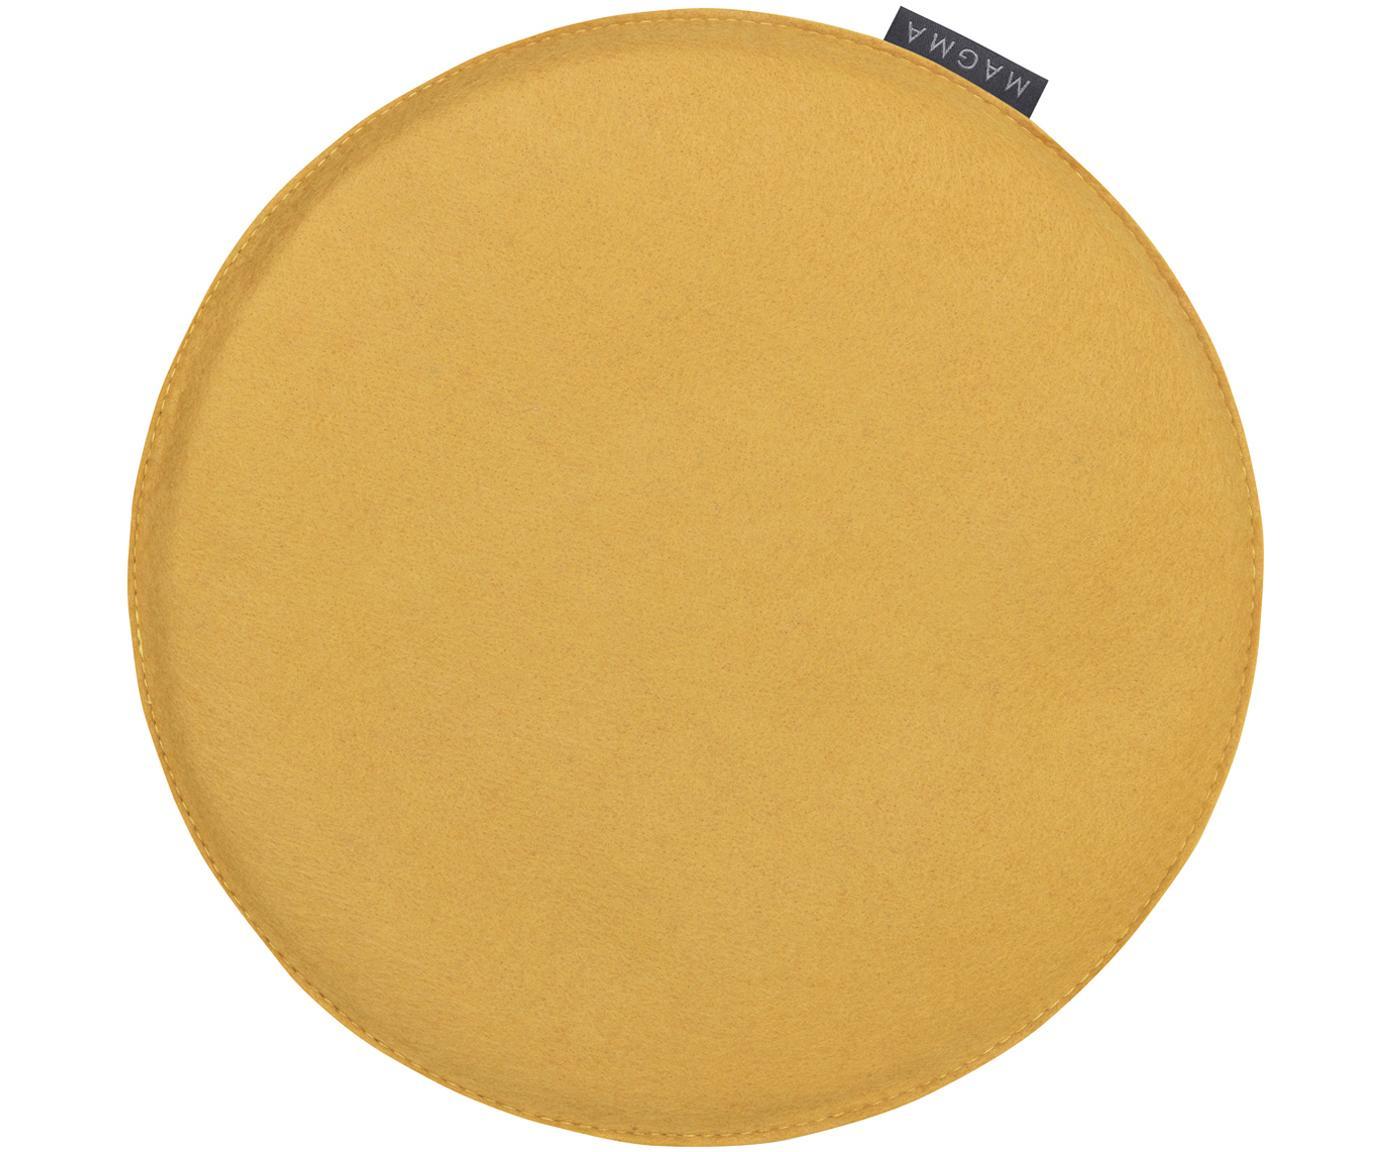 Okrągła poduszka na siedzisko z filcu Avaro, 4 szt., Brunatnożółty, Ø 35 x W 1 cm